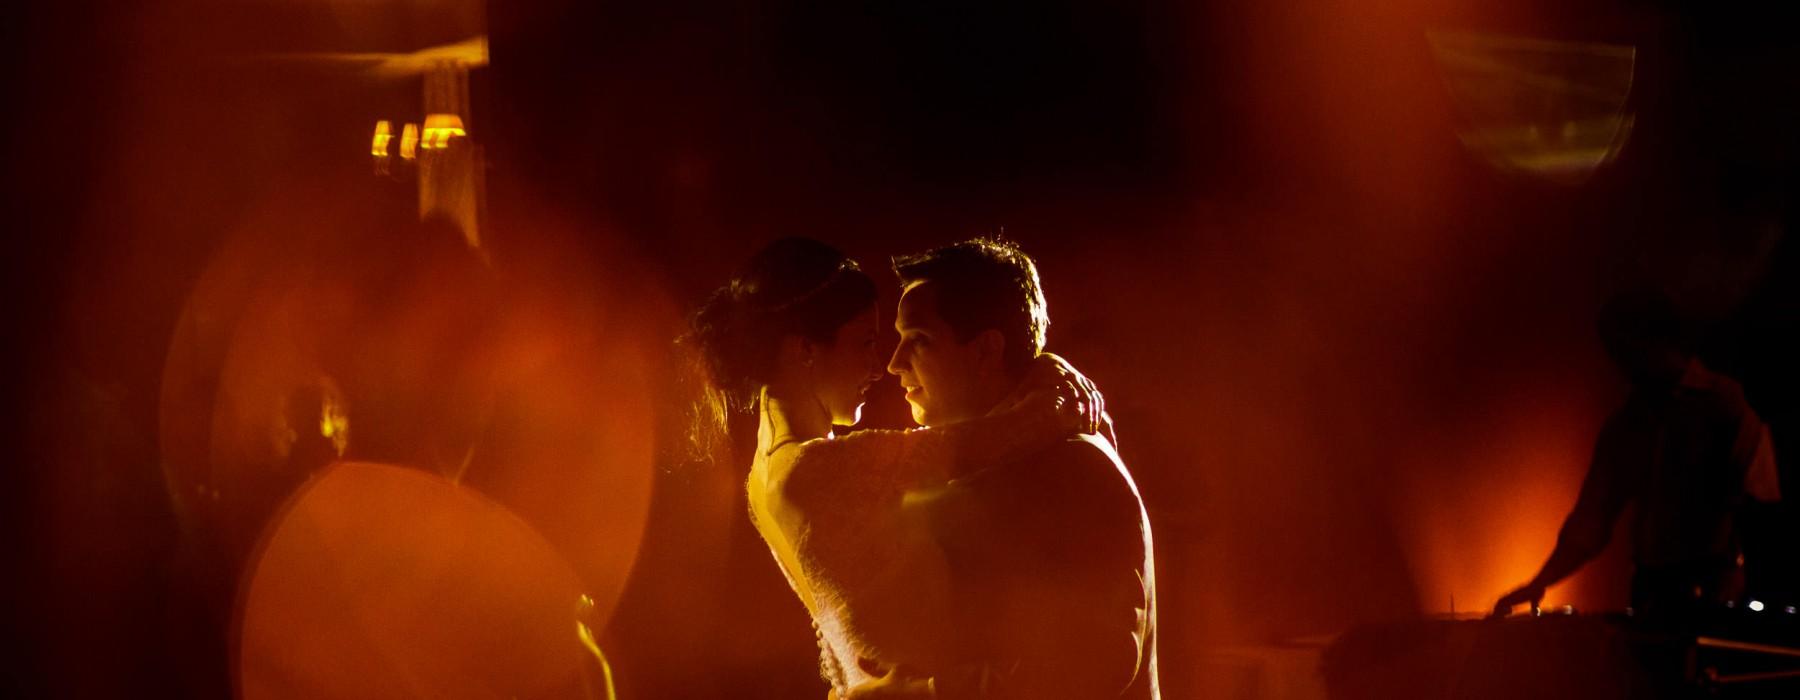 foto de casamento premiada pela ispwp primeira dança noiva renato dpaula